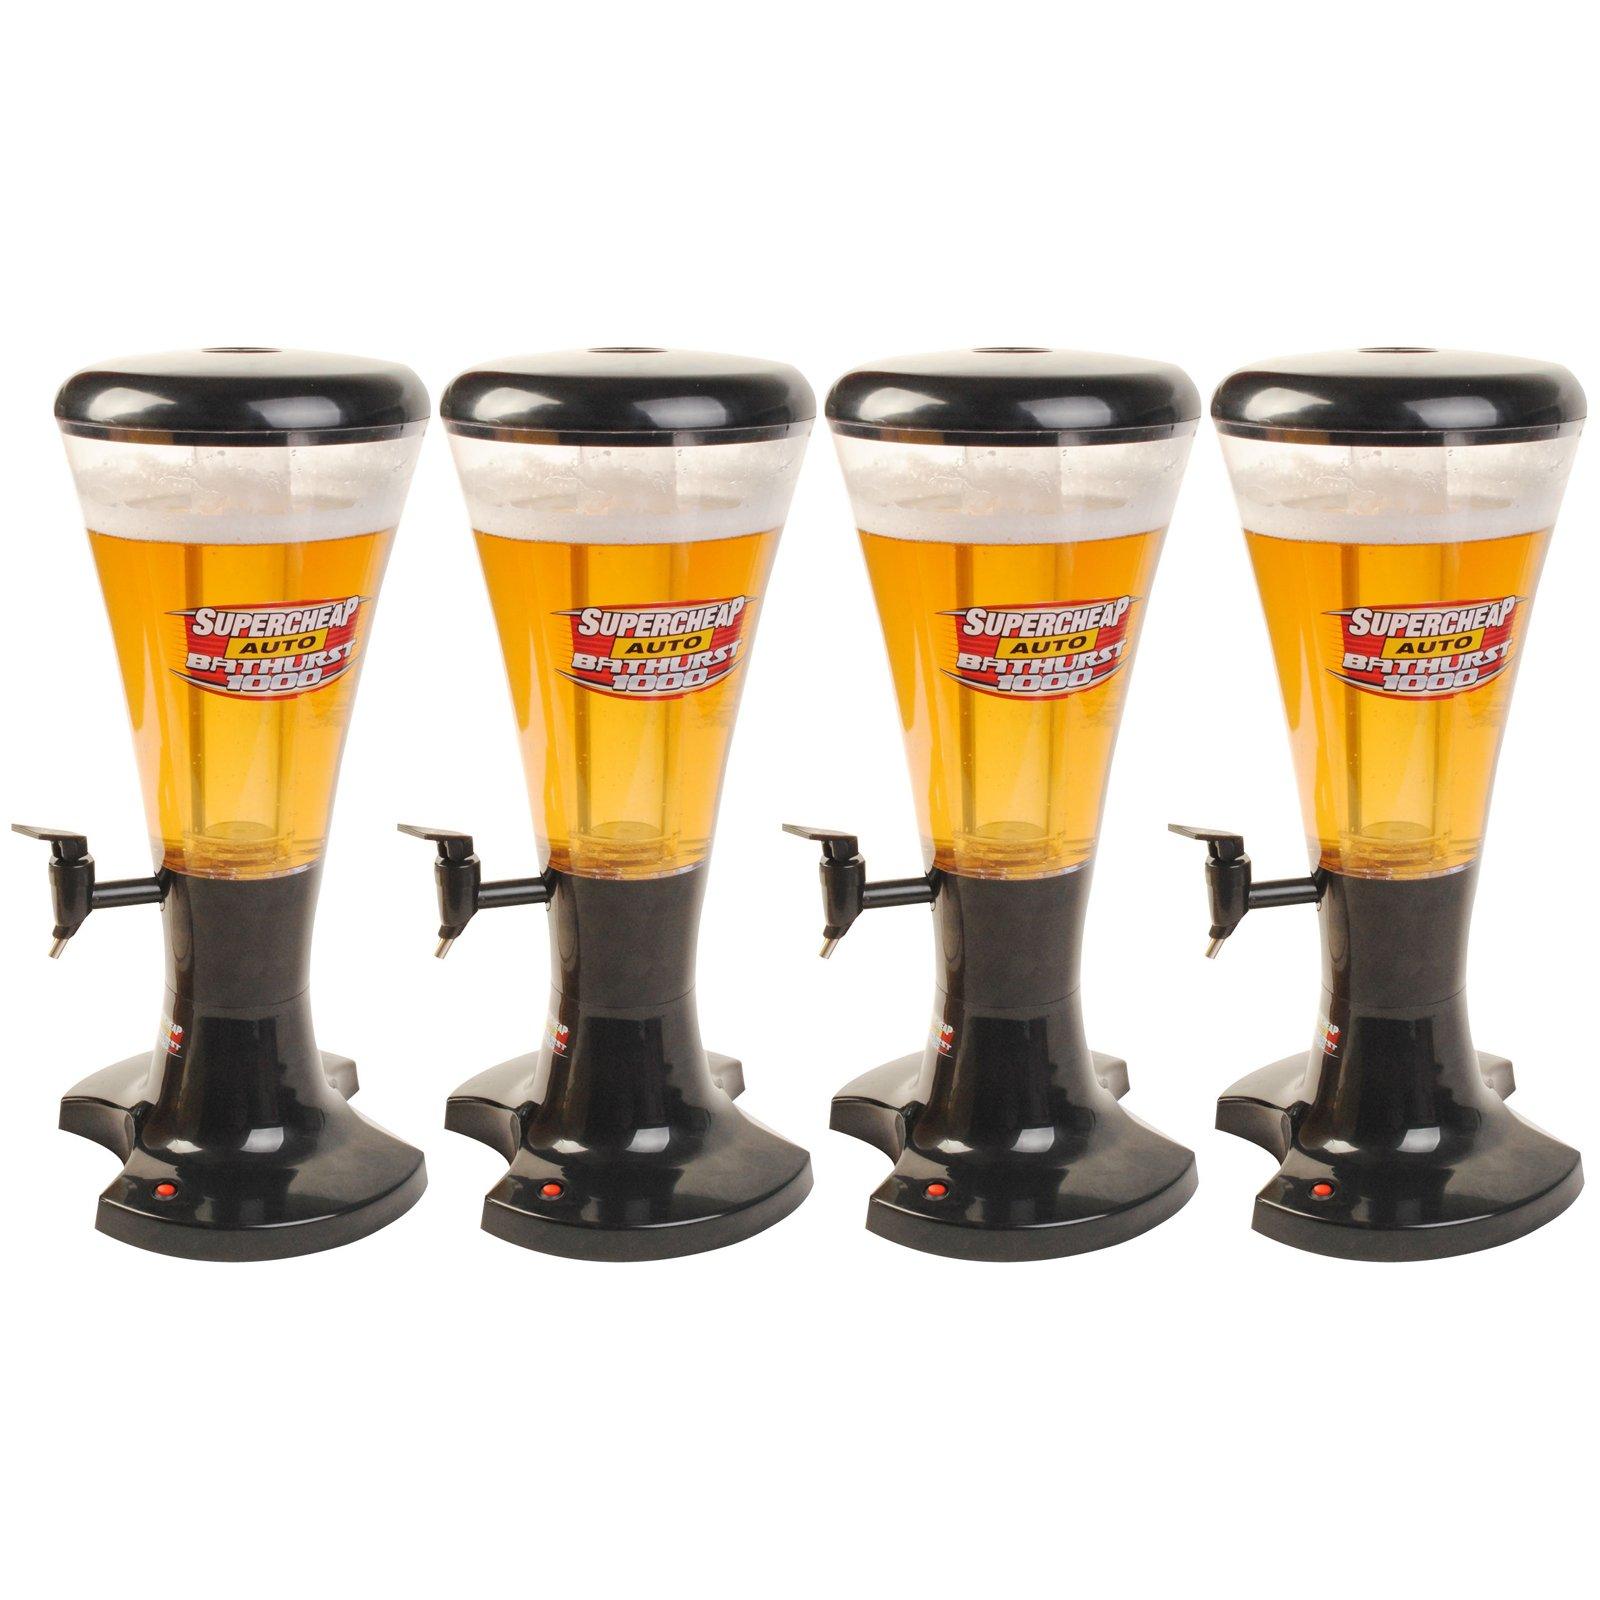 Goplus 3L Cold Draft Beer Tower Beverage Dispenser with LED Lights New (4)